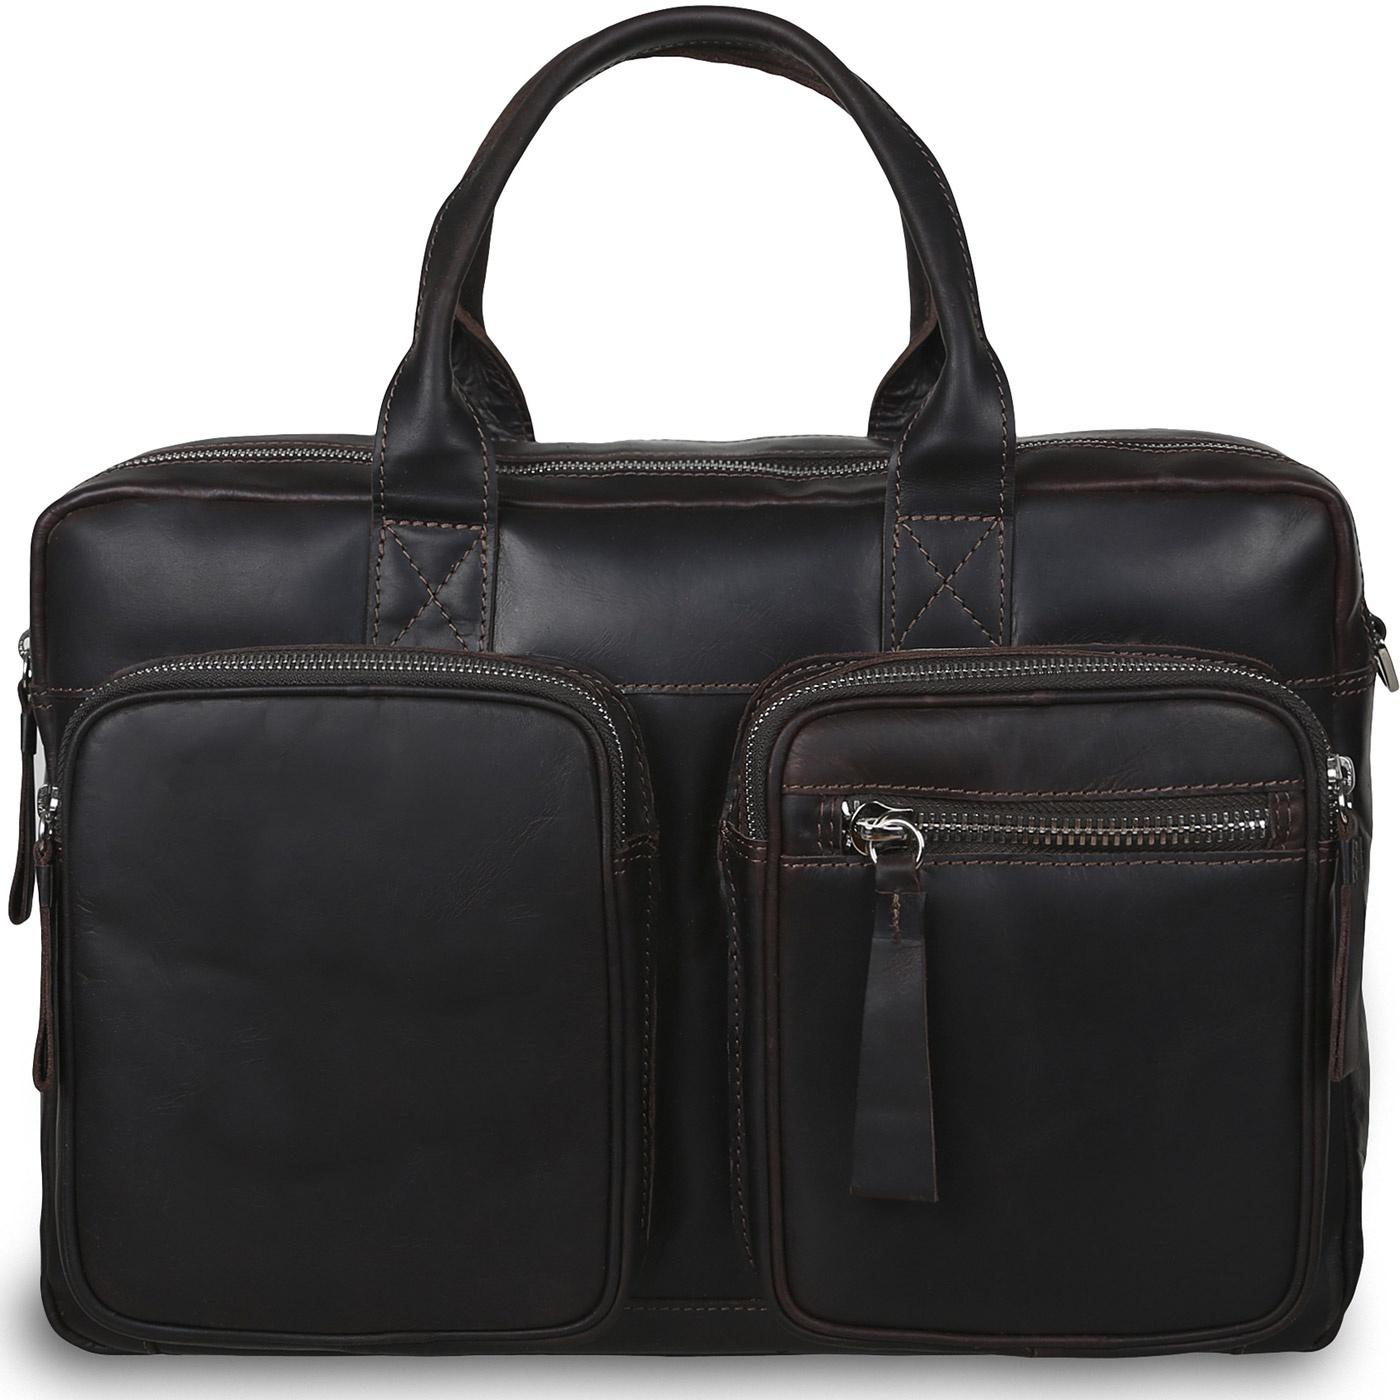 купить Сумка на плечо Ashwood Leather по цене 19200 рублей